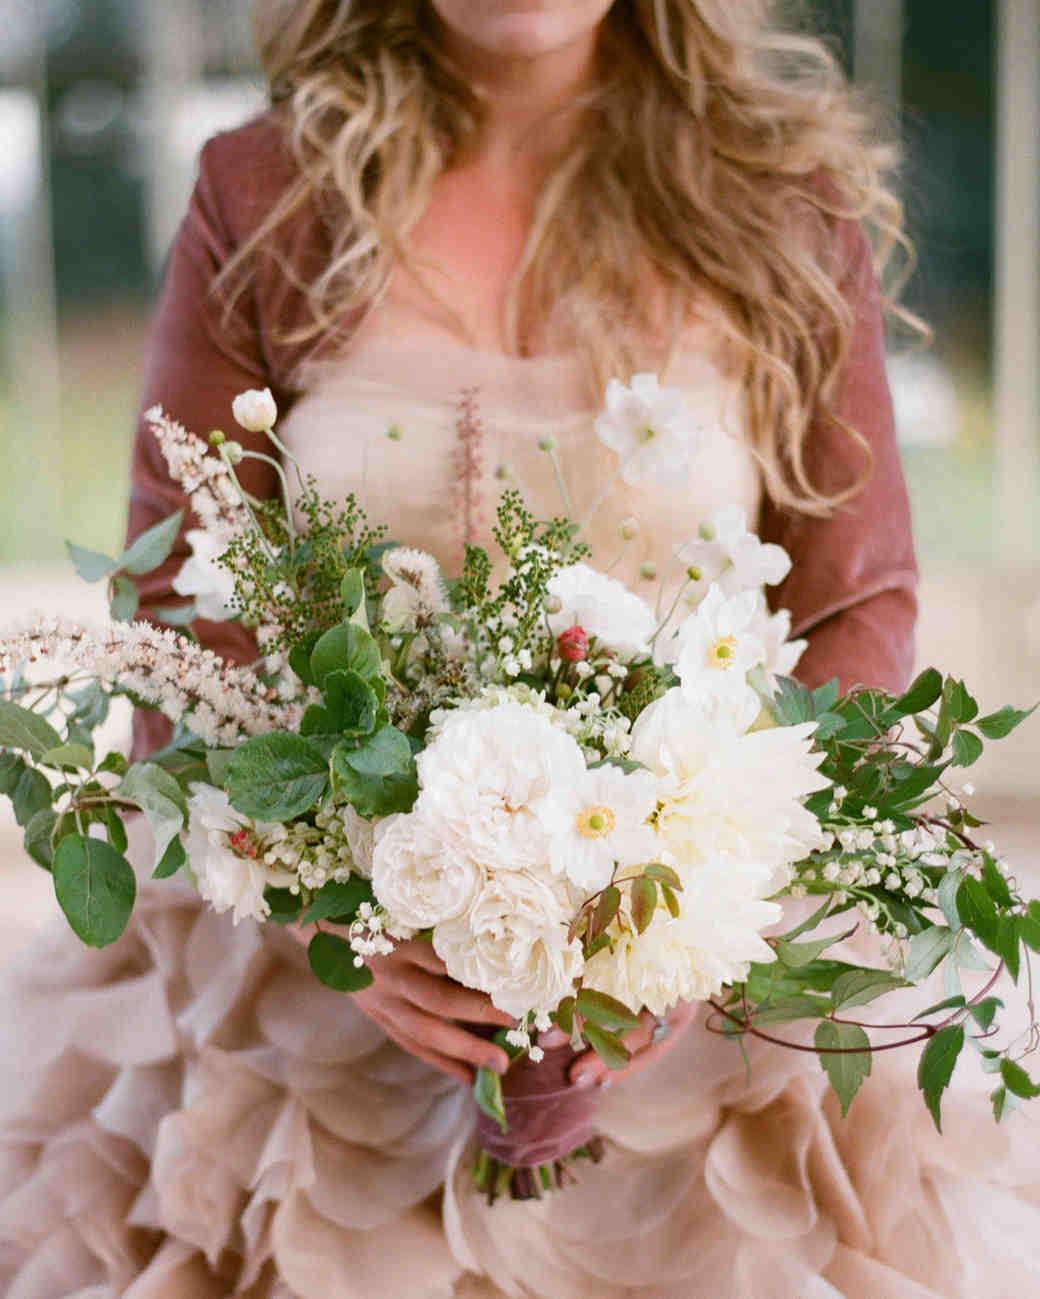 corbin-thatcher-bouquet-1098-wds109911.jpg